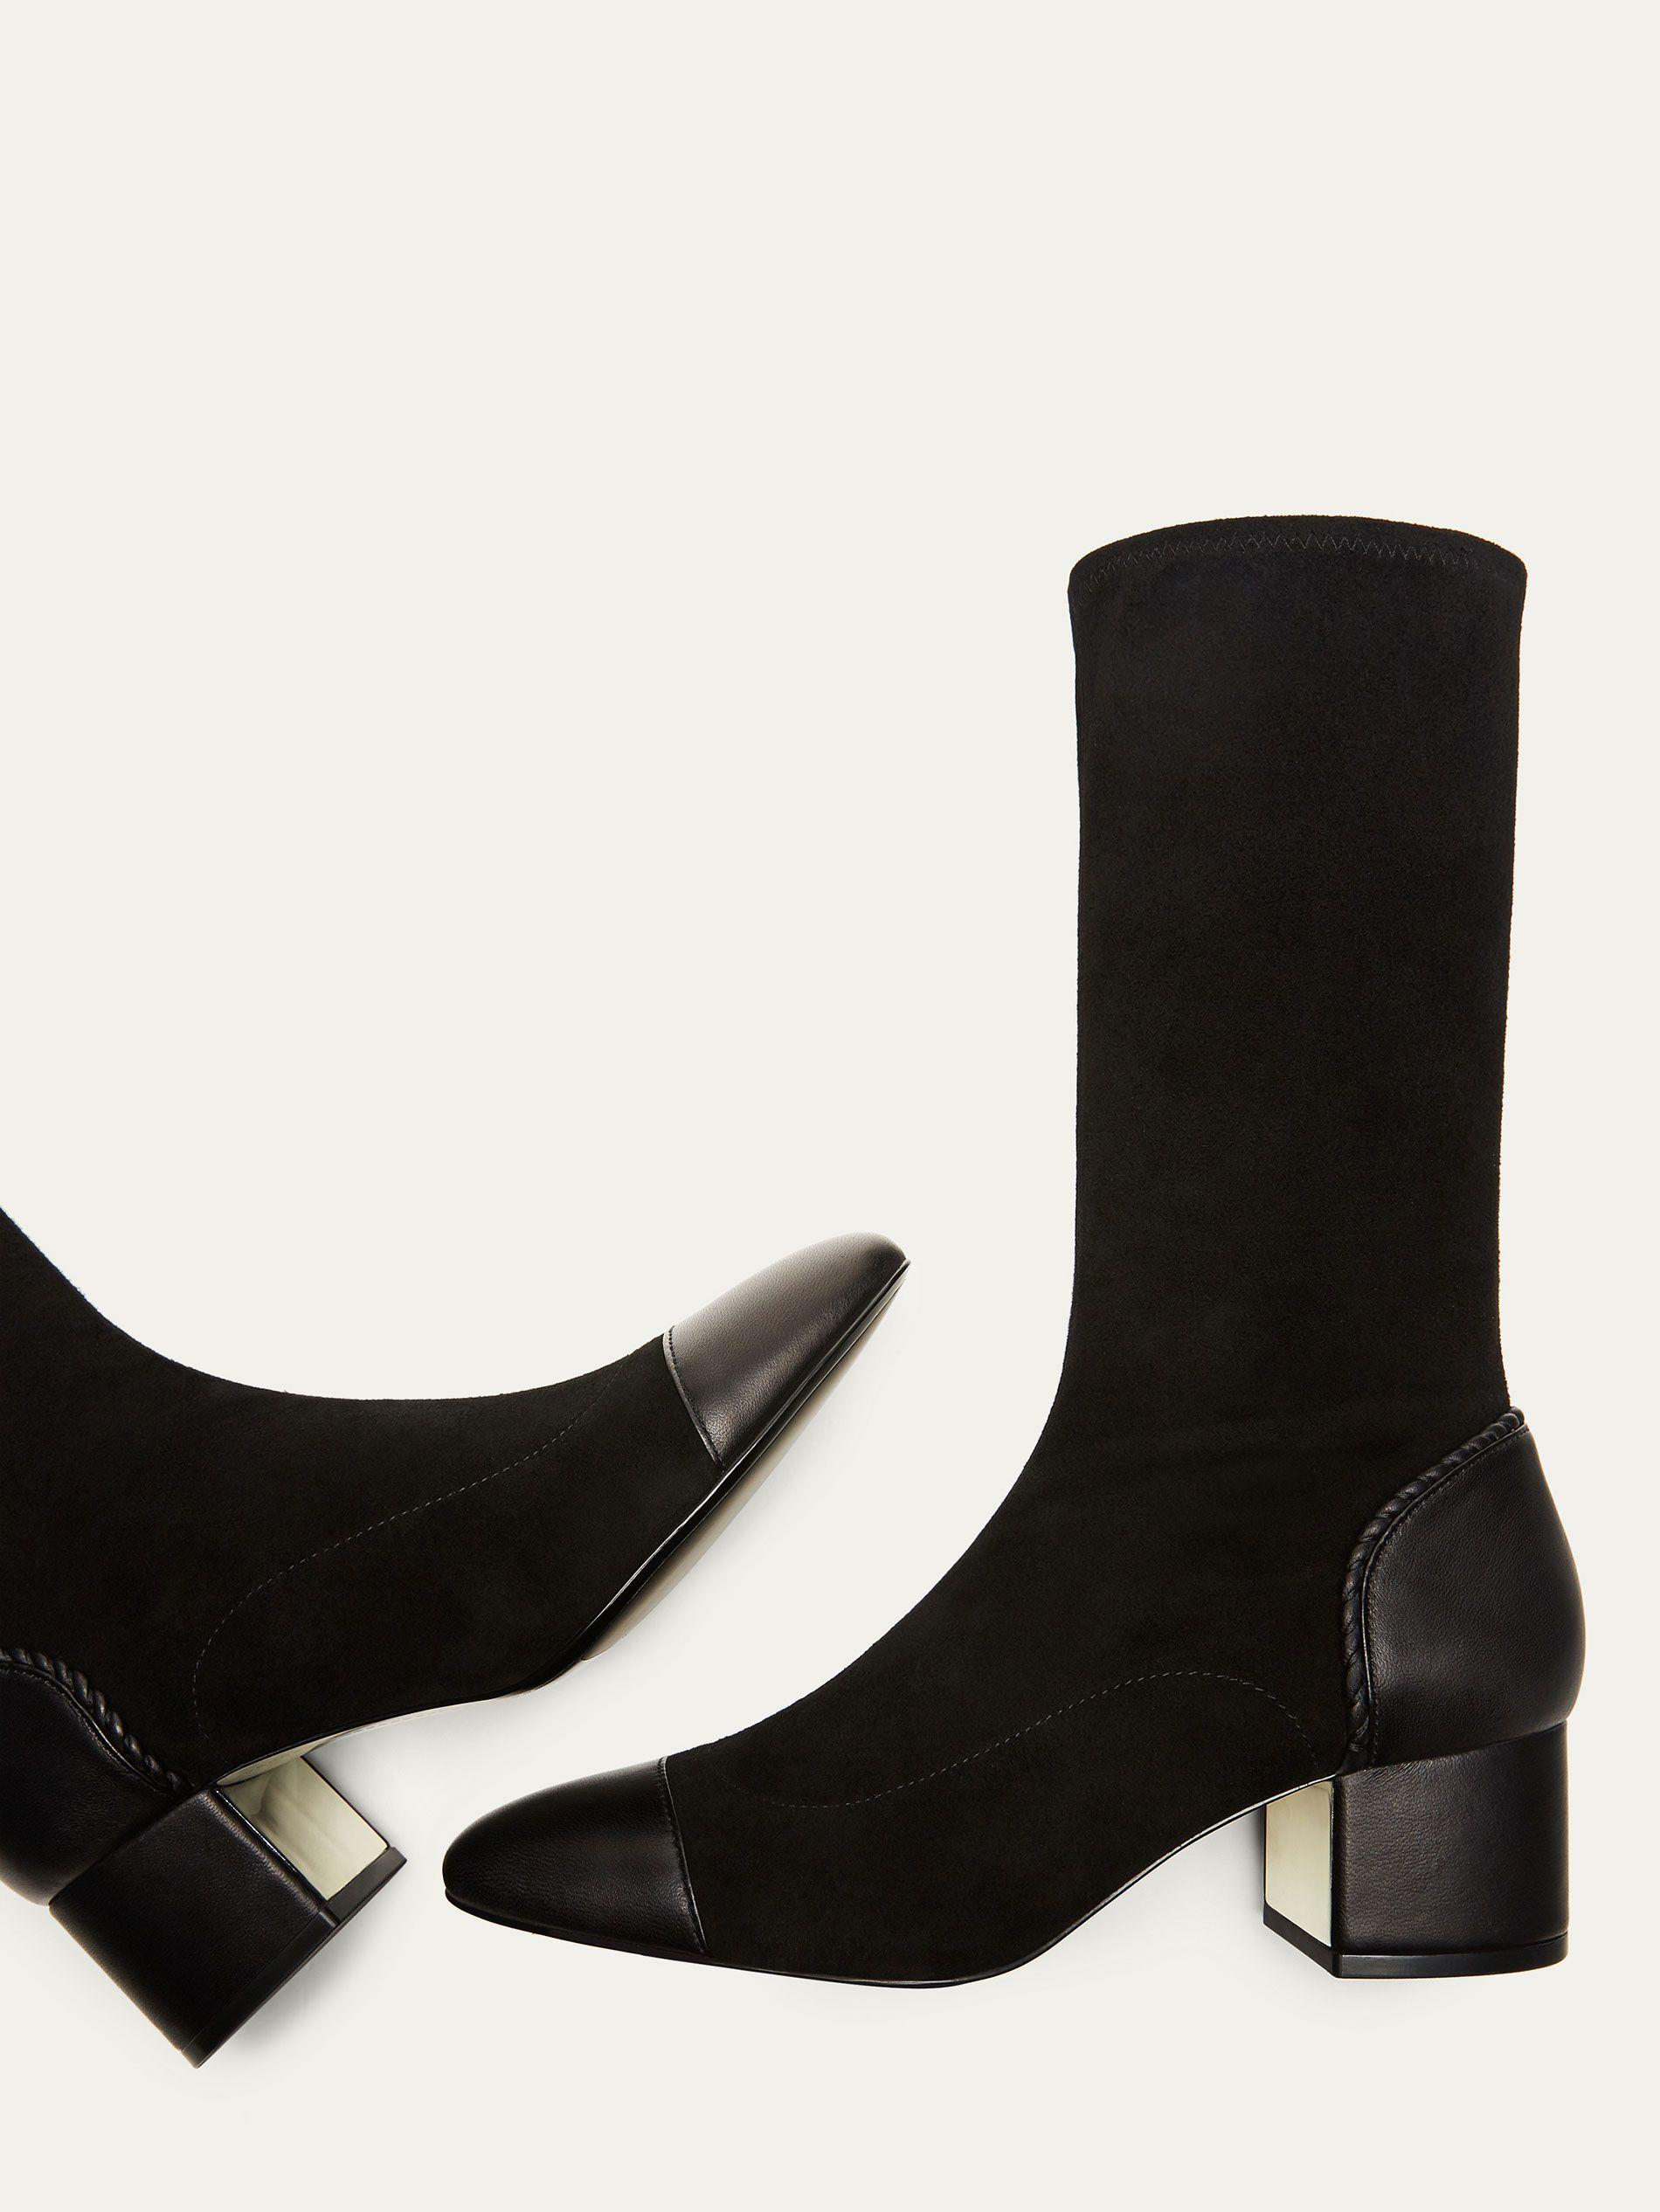 STRETCH FEMMES DAIM NOIRE CUIR pour Chaussures BOTTINE c5jL3Aq4R